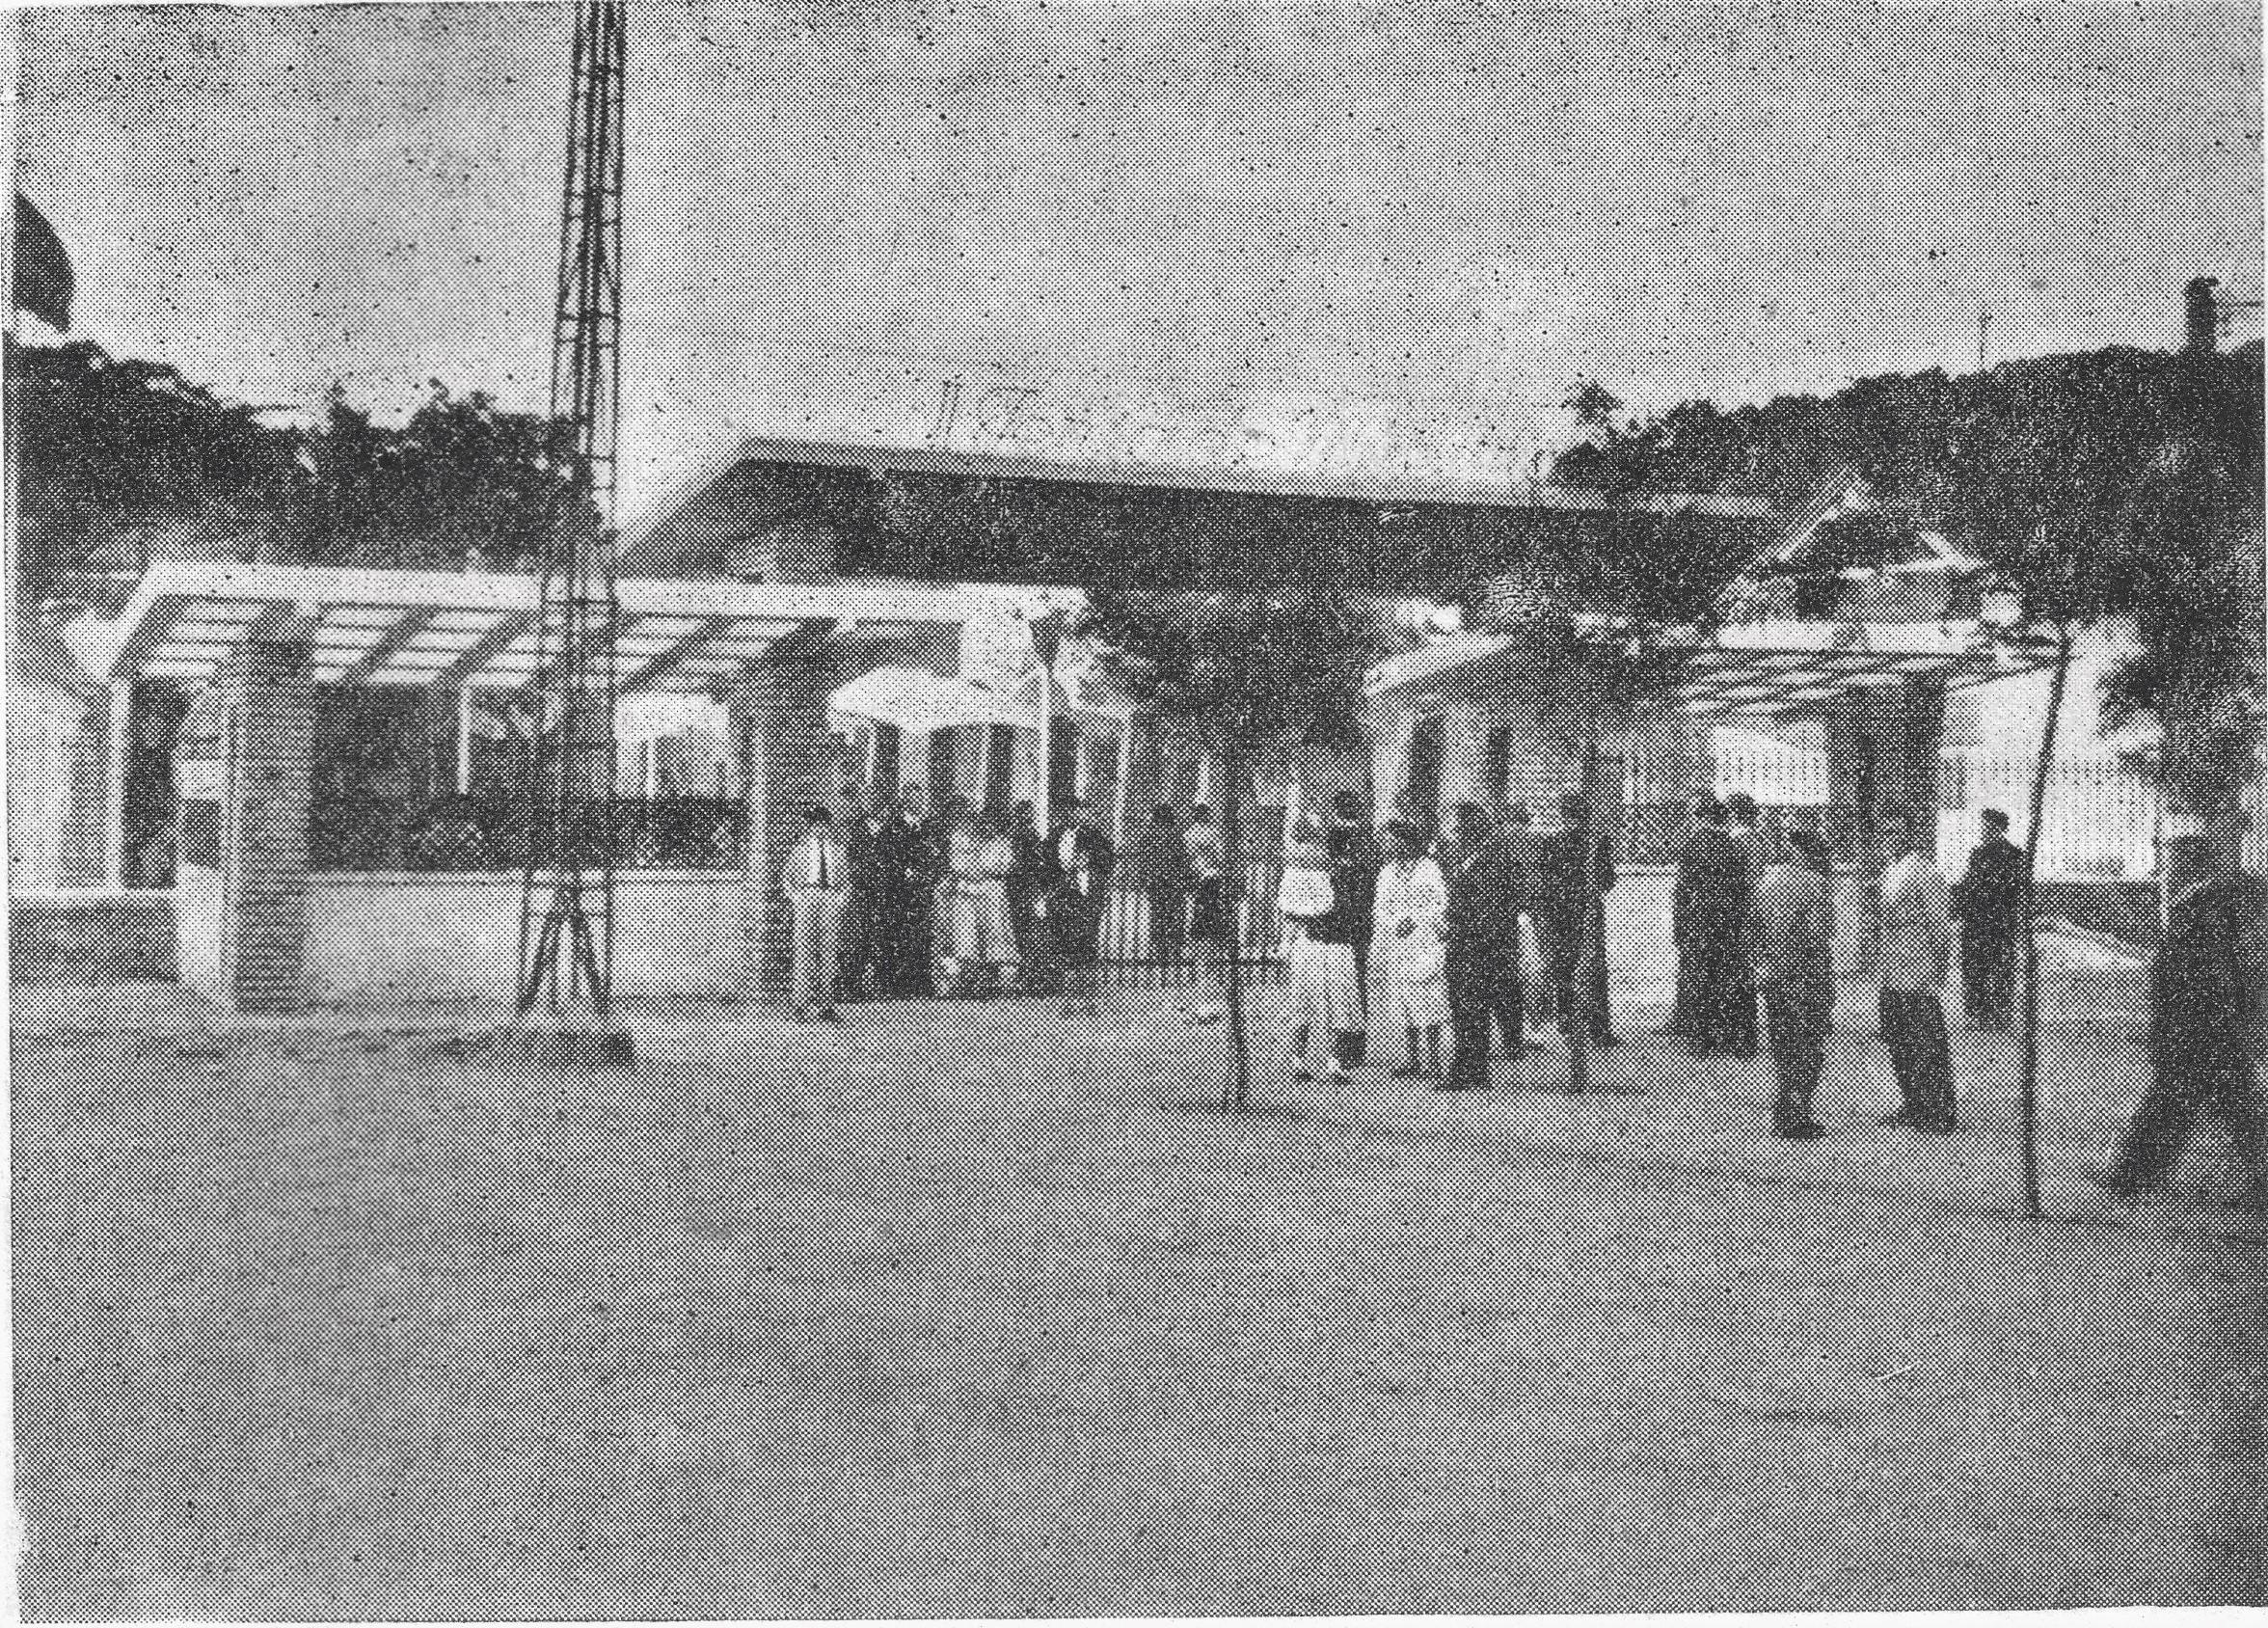 Entrada II feria de Muestras. Mayo 1955